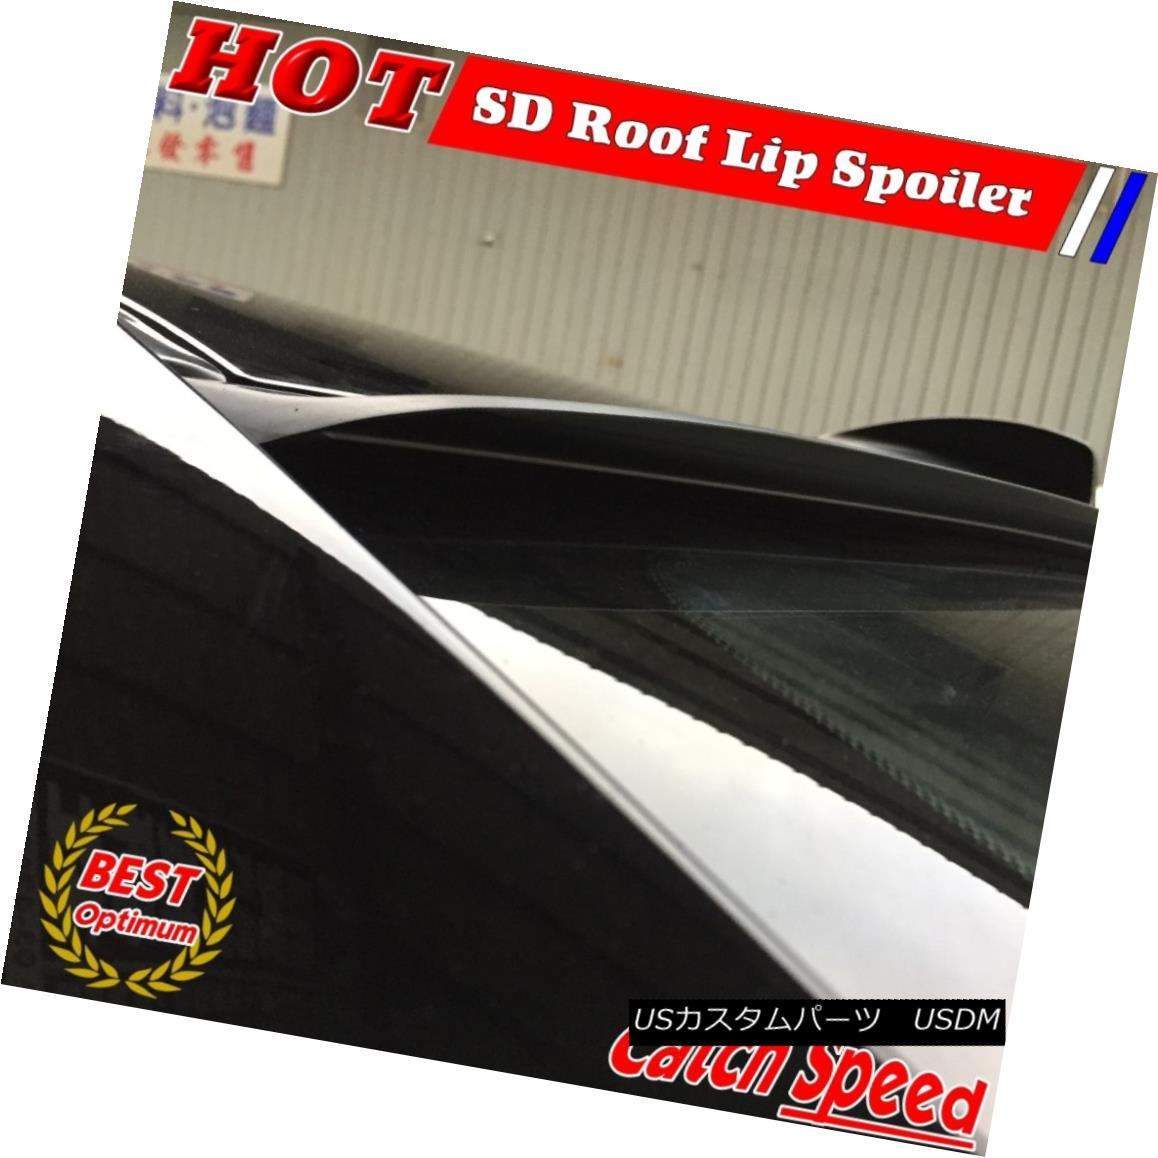 エアロパーツ Painted SD Style Rear Roof Spoiler Wing For Mitsubishi LANCER US Sedan 2000~2007 三菱ランサーUSセダン用塗装済みSDスタイルリアルーフスポイラーウィング2000?2007